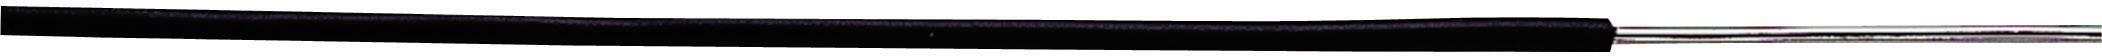 Kabel 0,75 qmm schwarz//grün 1m  Litze Leitung Fahrzeug Auto